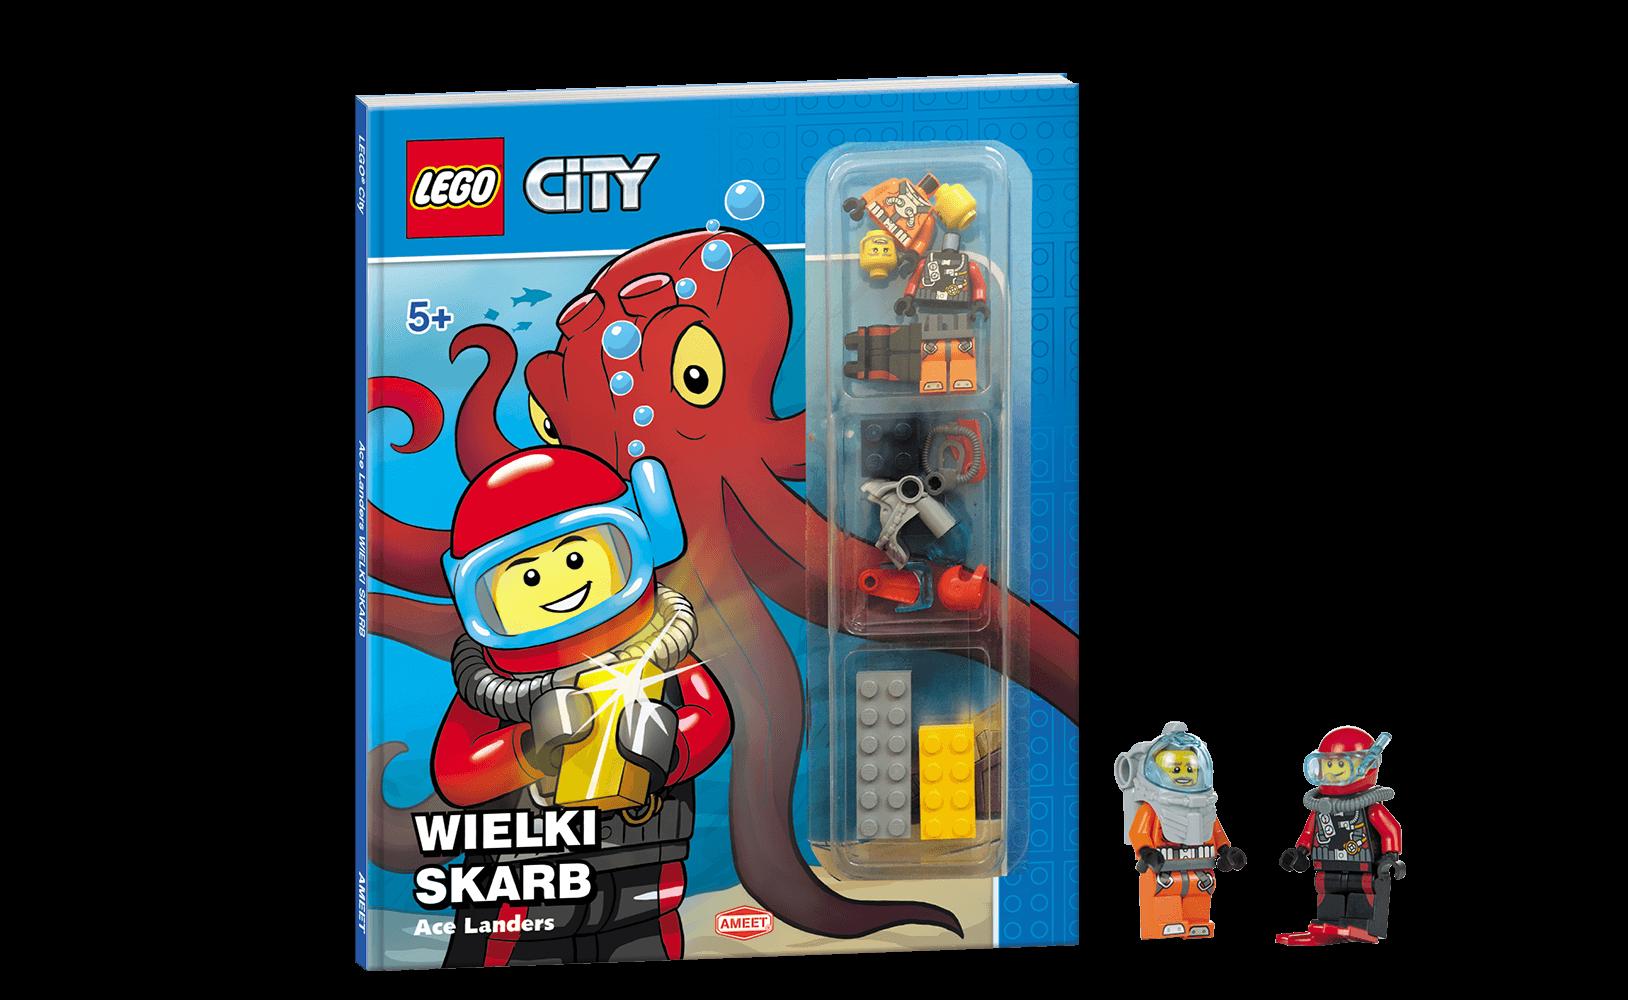 Lego City Wielki Skarb Opracowanie Zbiorowe 6968519017